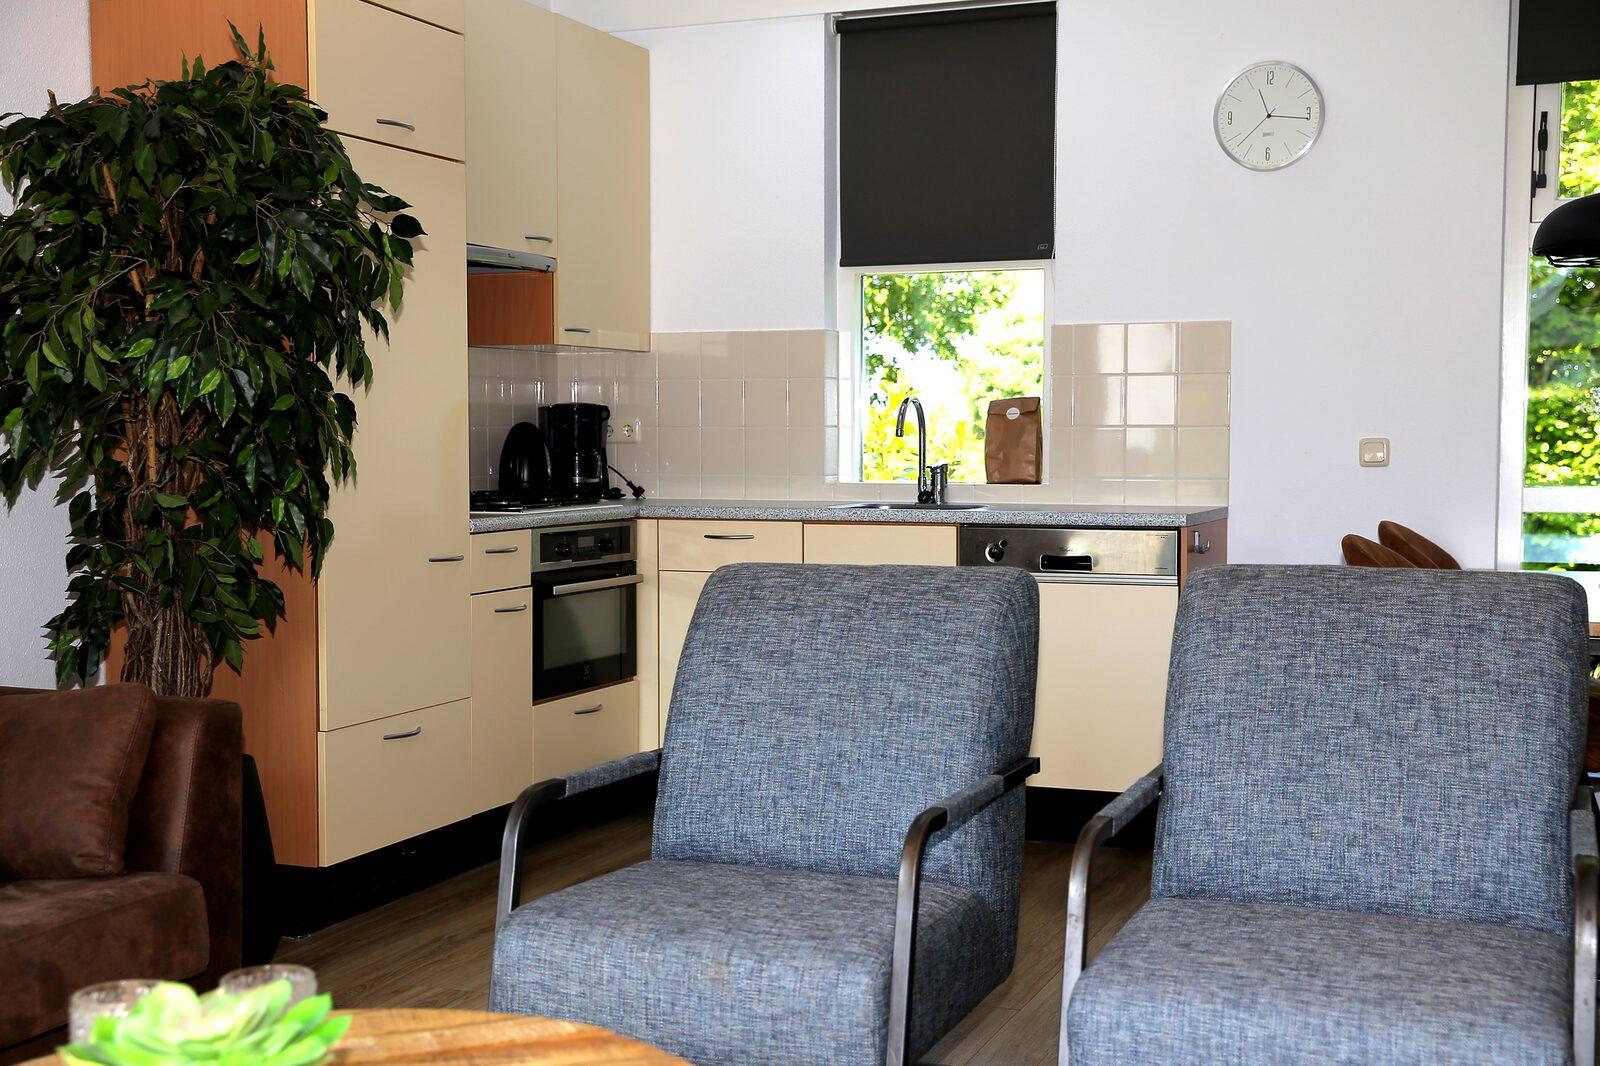 Vakantiehuis Polder 4 Comfort